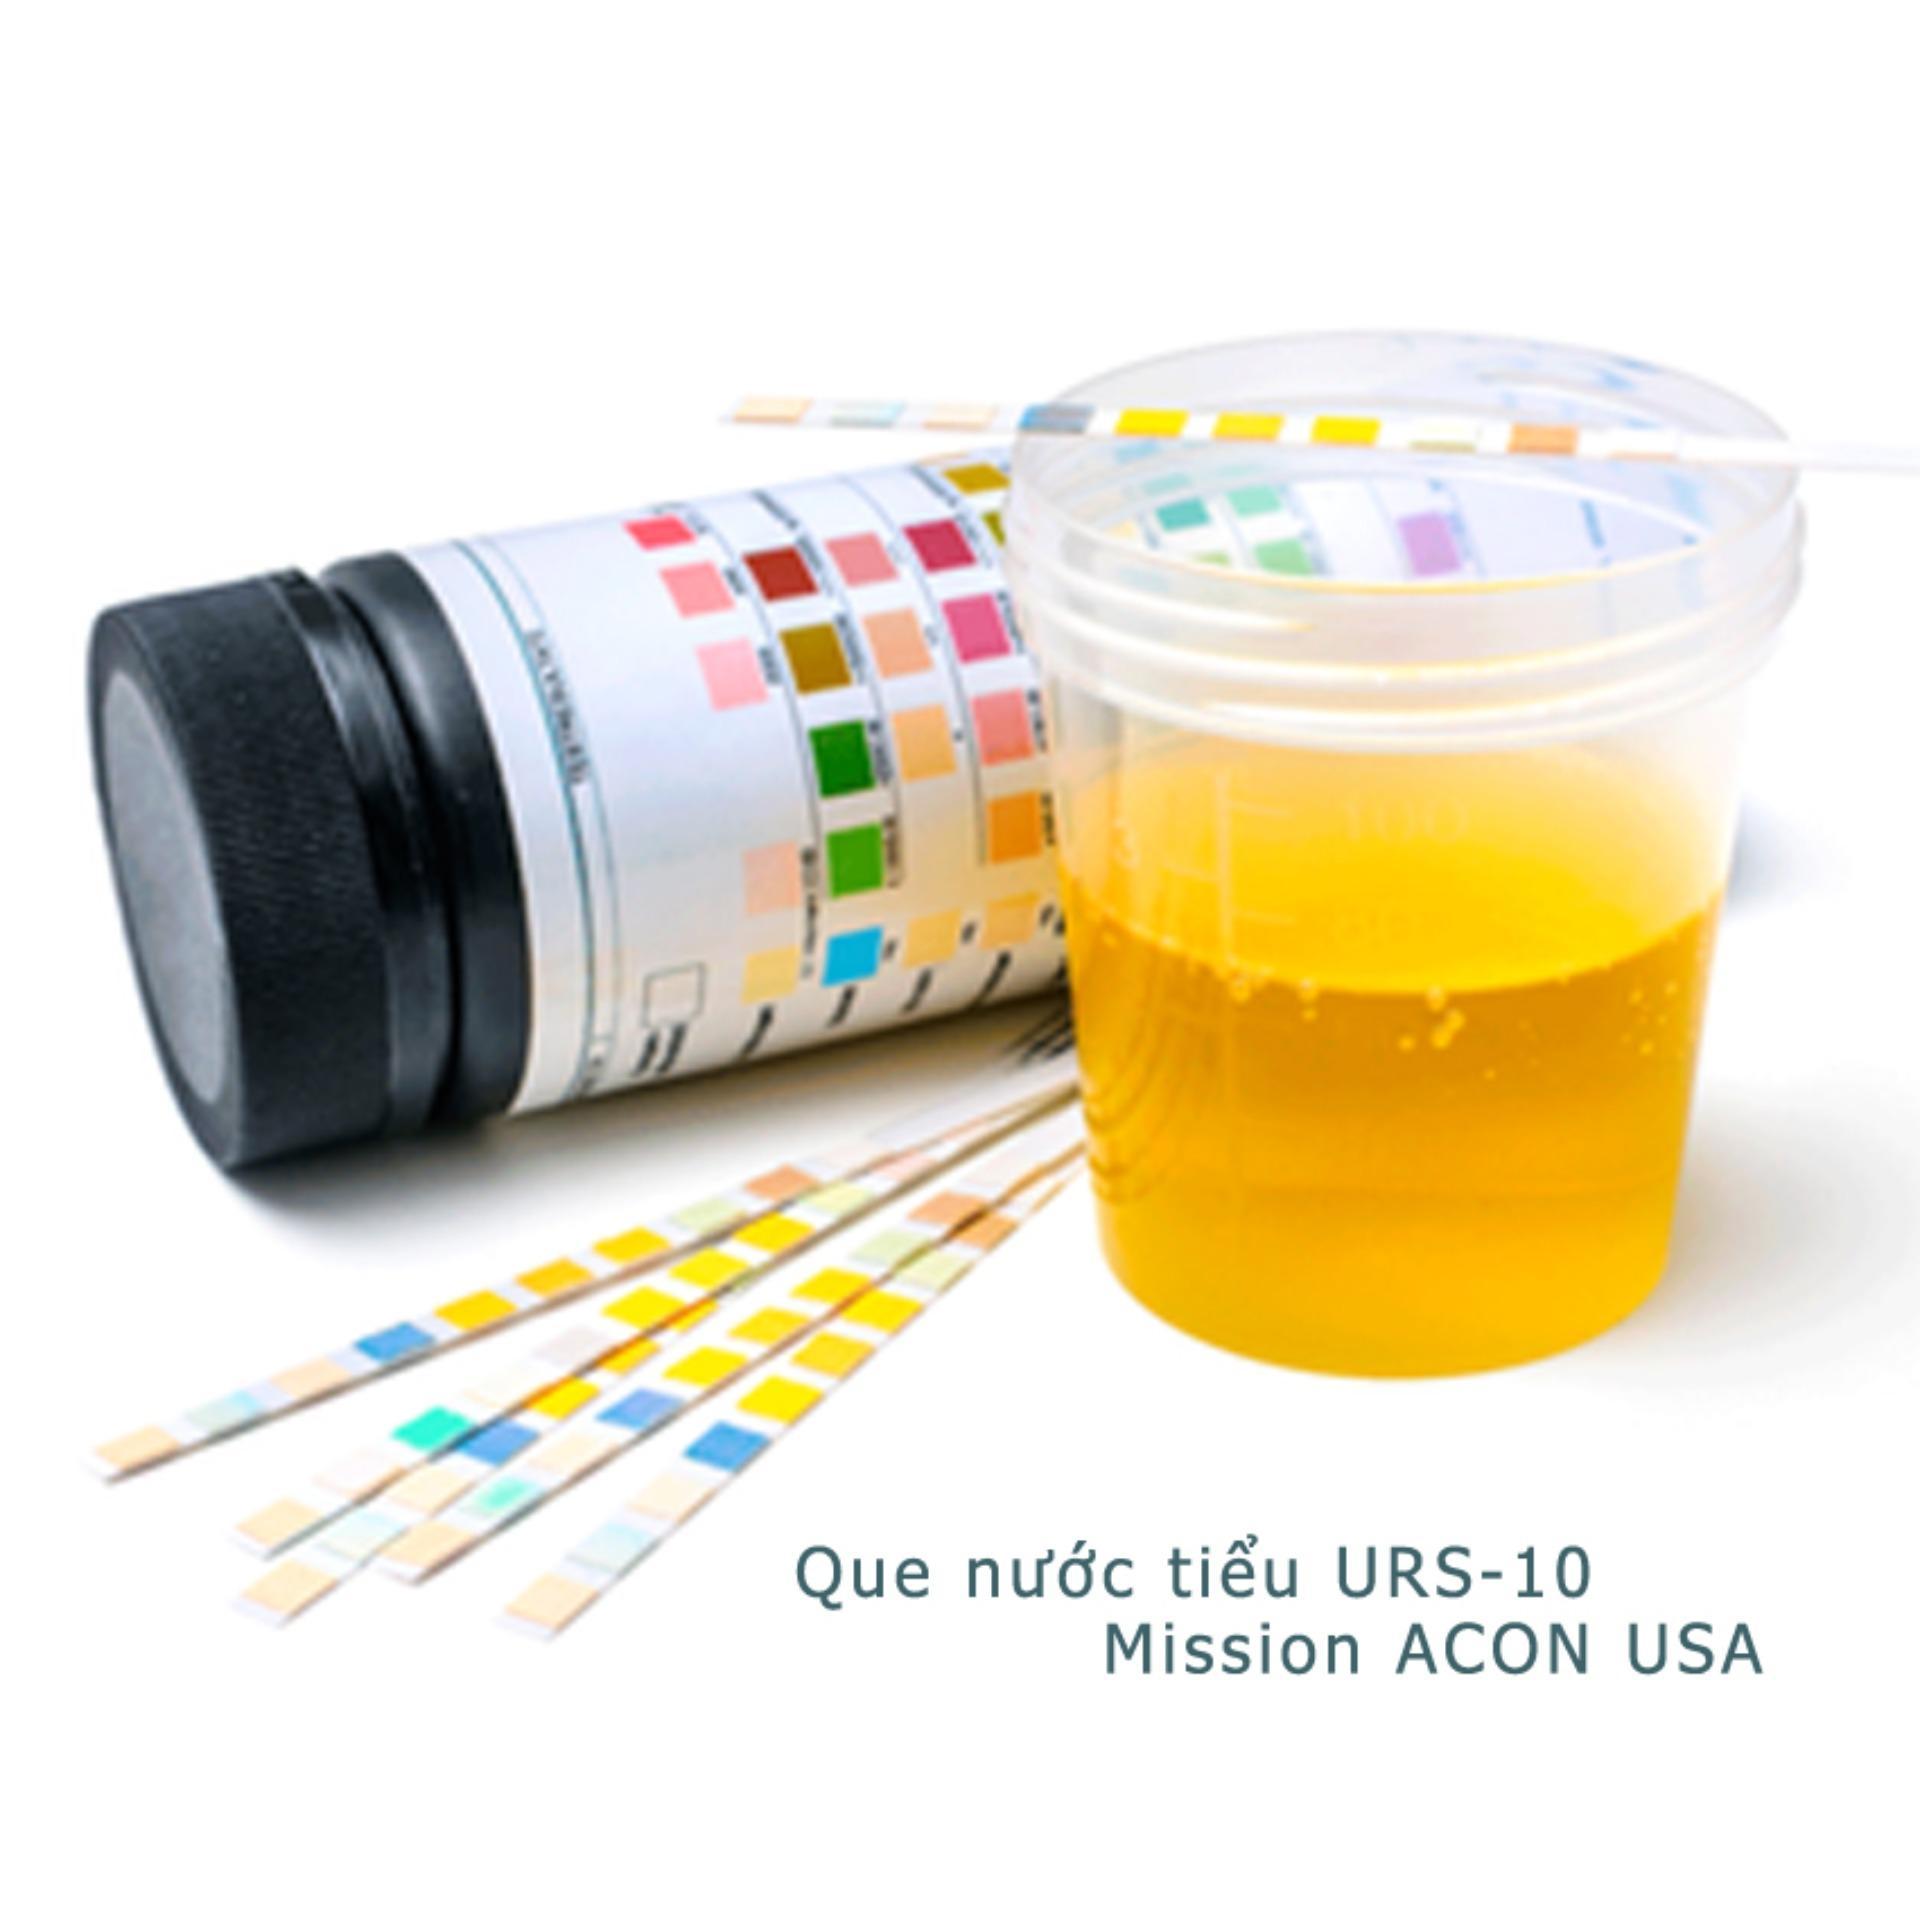 Hình ảnh Que thử nước tiểu Acon Mission 10 thông số